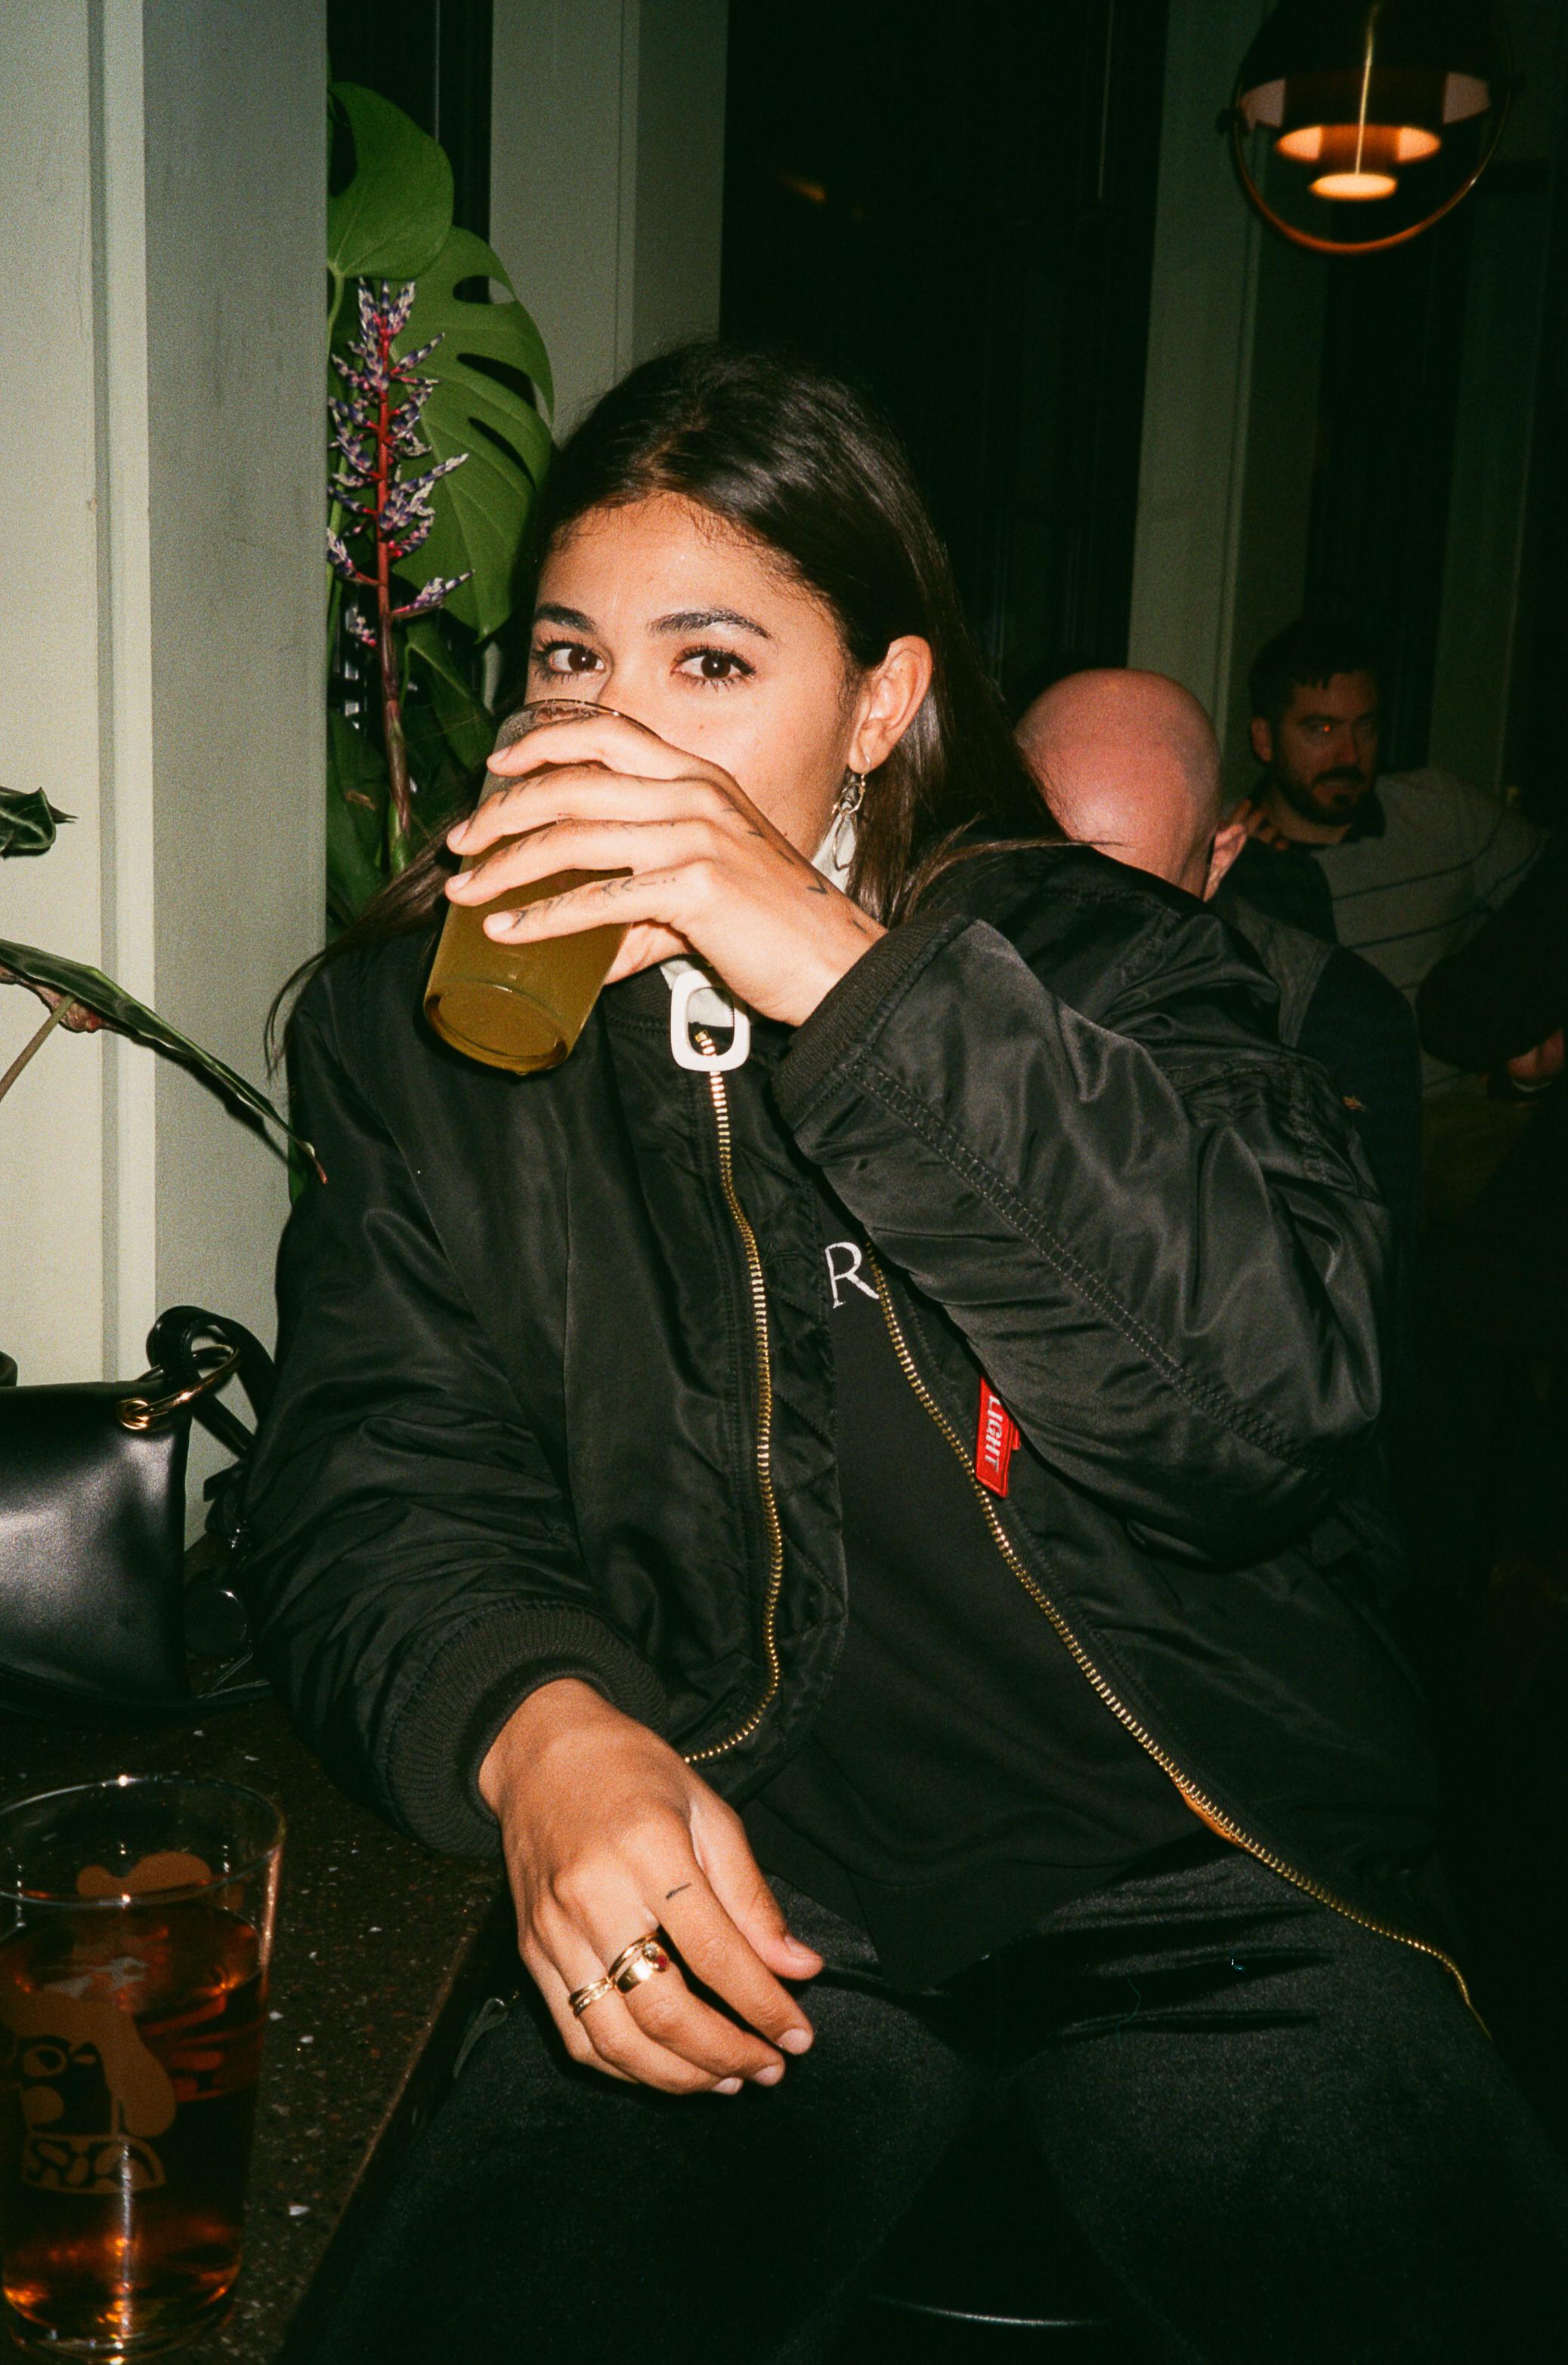 Mathilde at Mikkeller, London, 2019